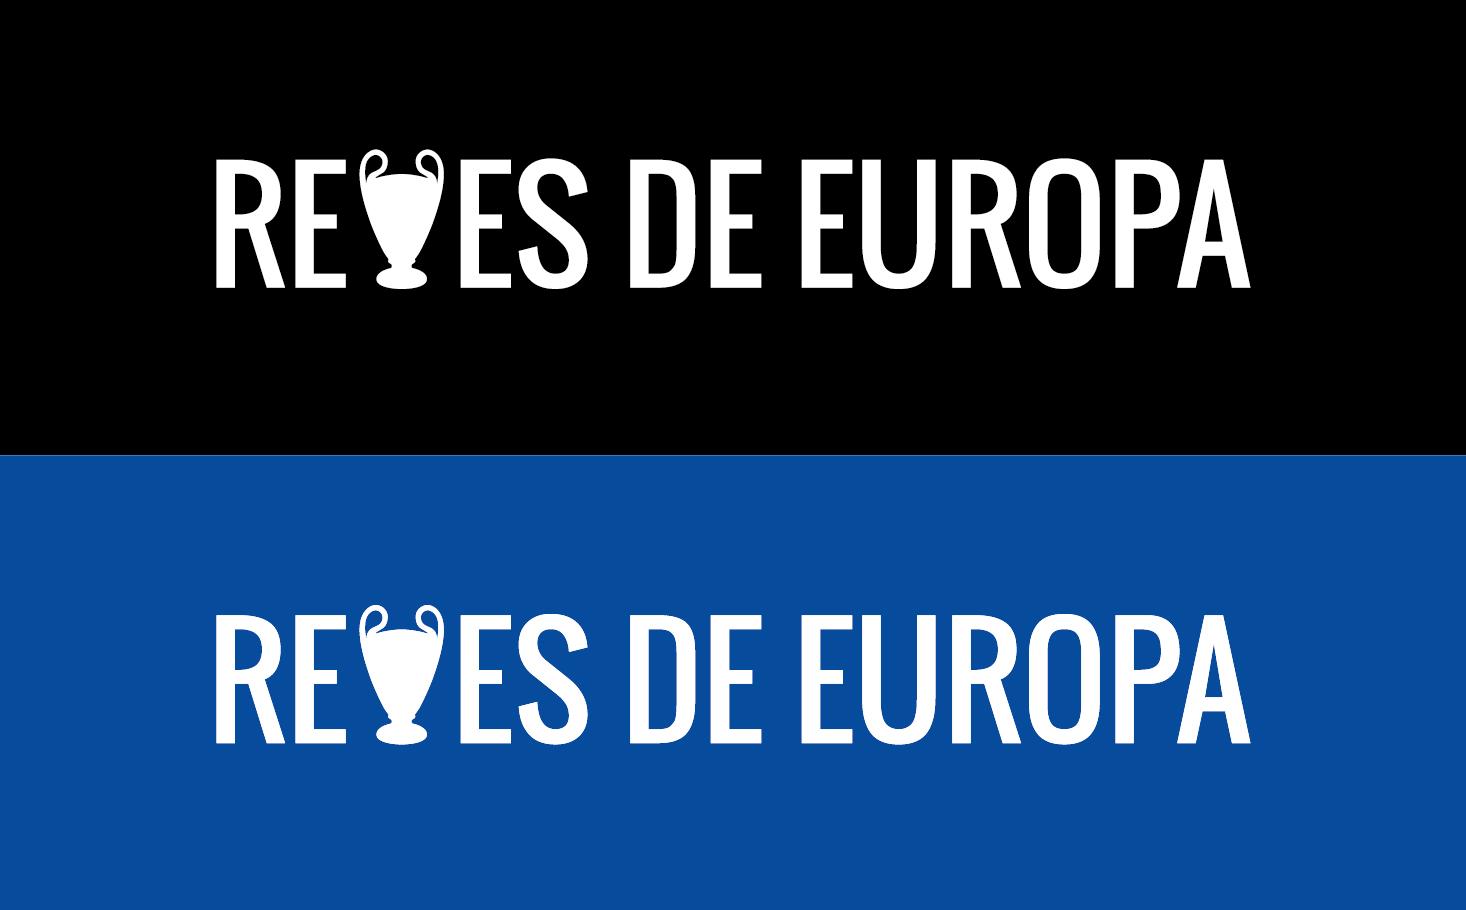 Reyes-de-Europa-02.jpg